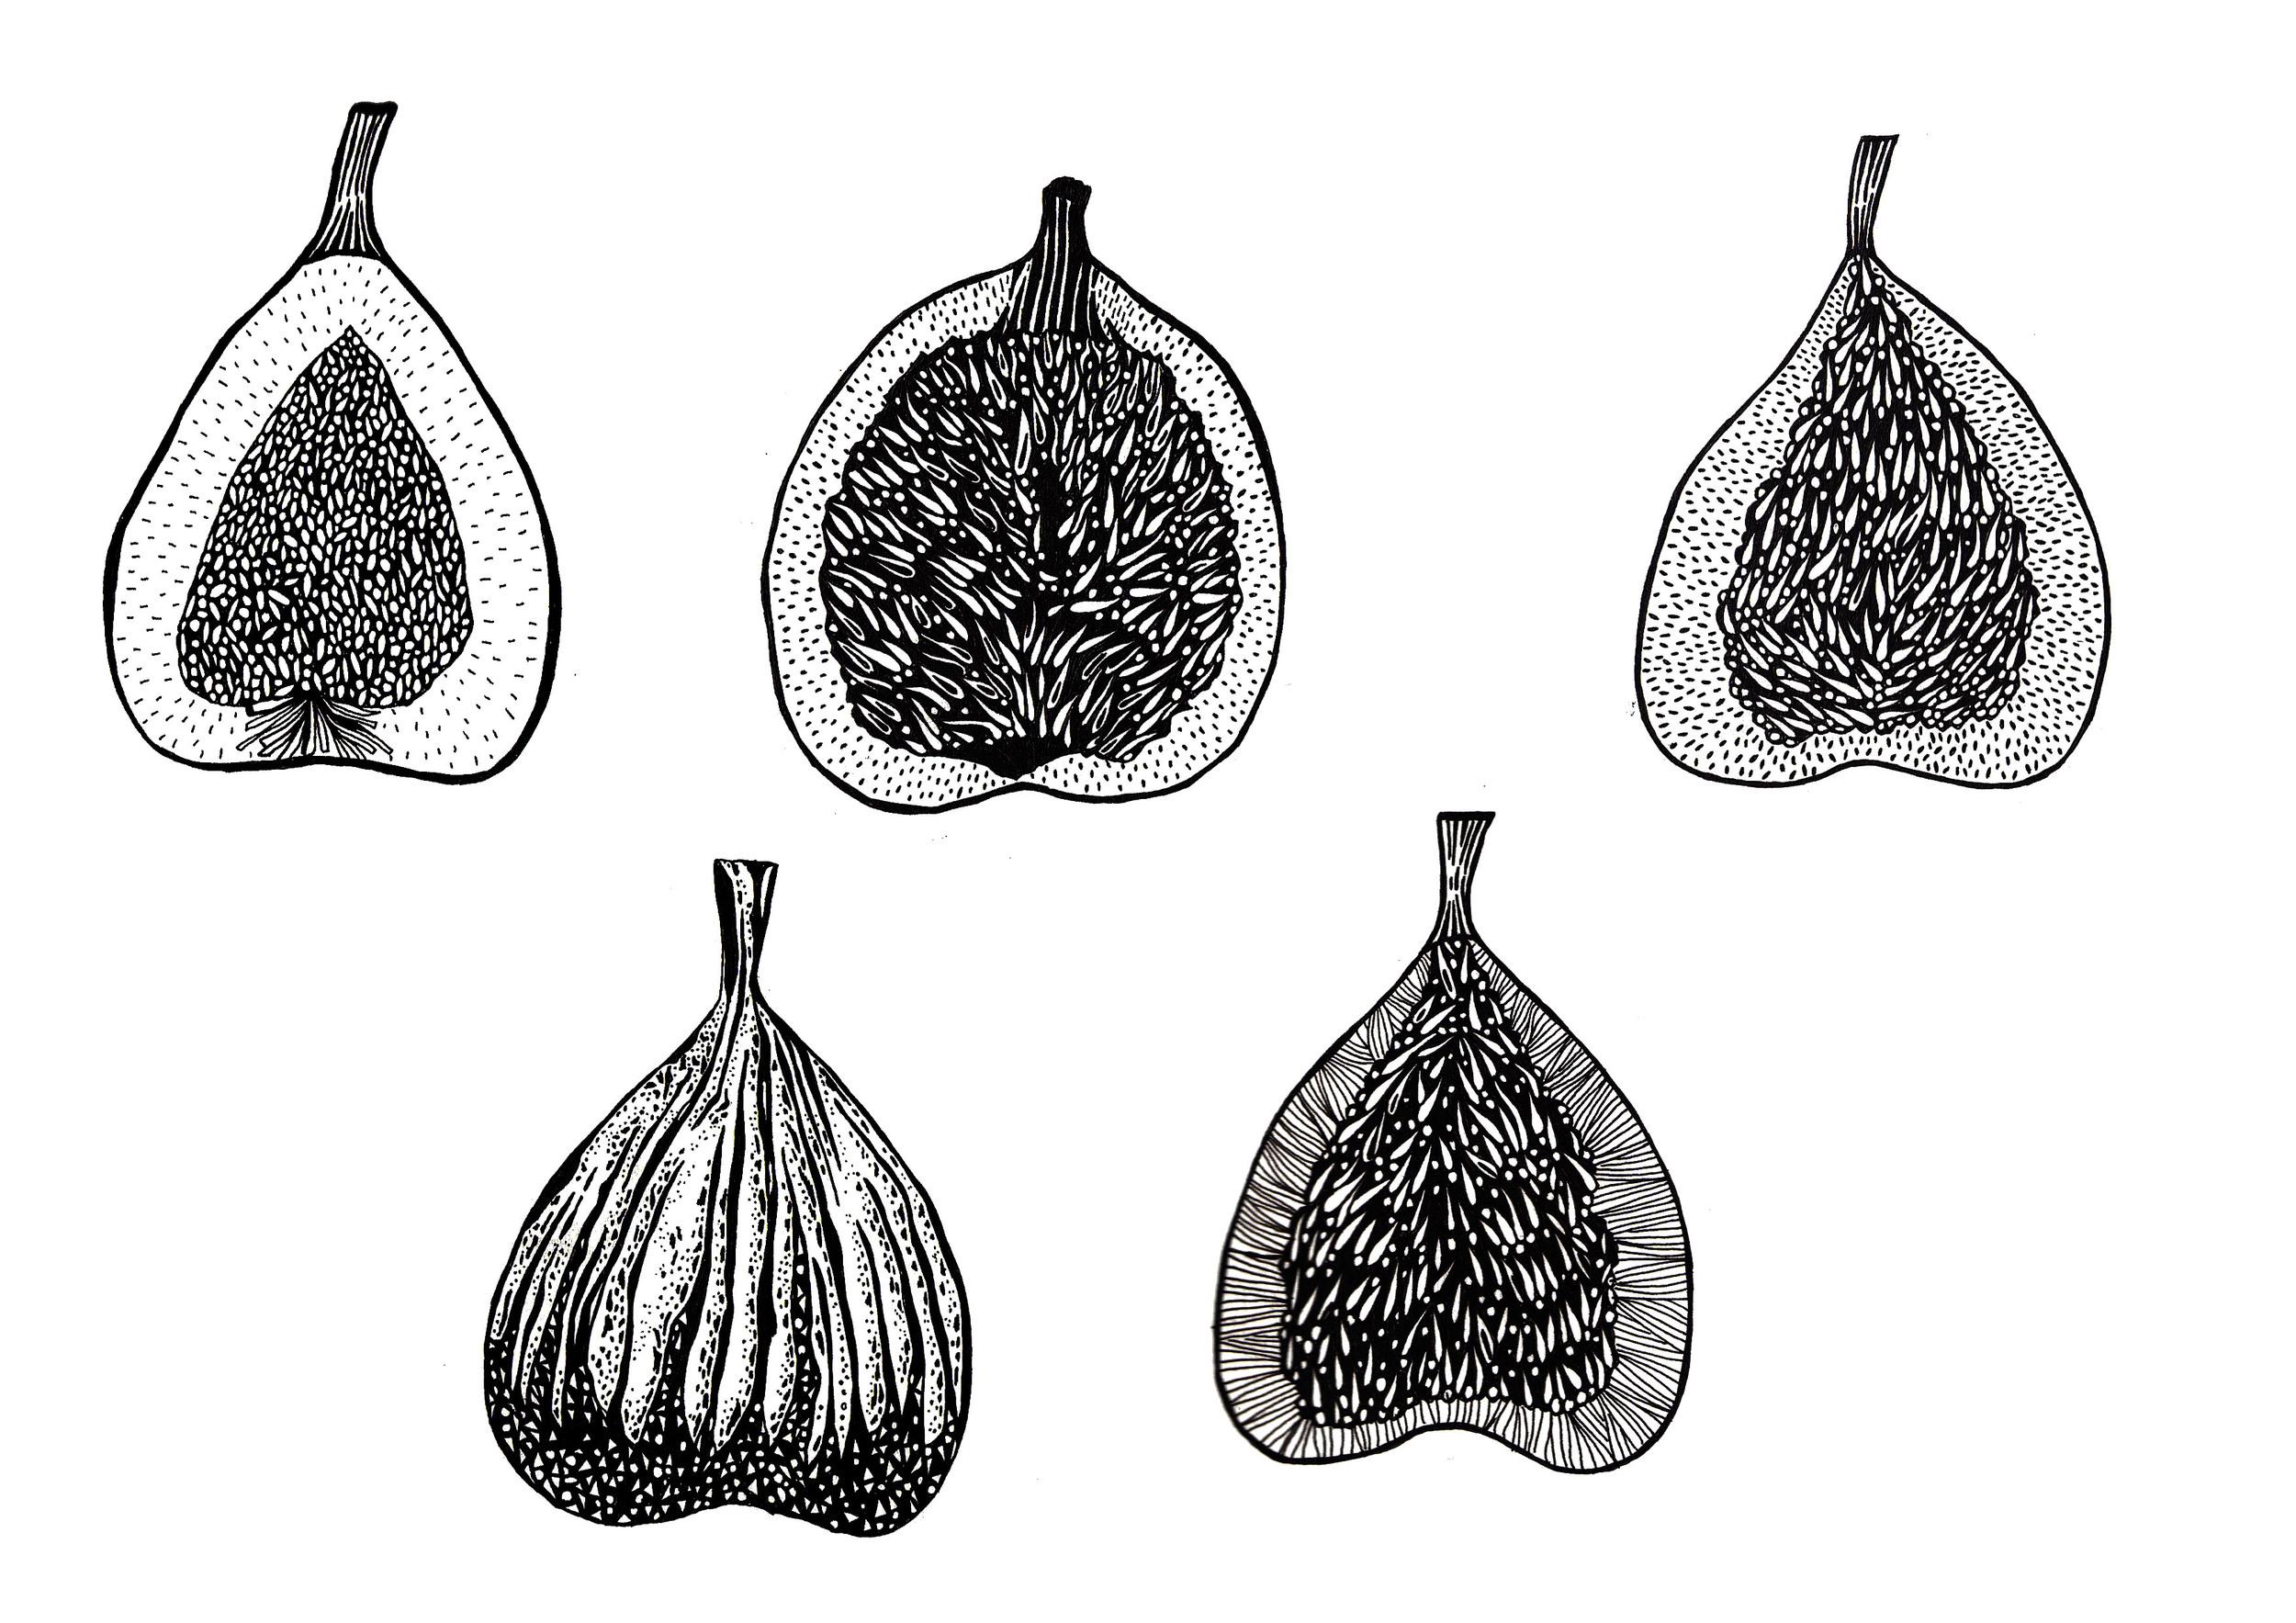 figs copy.jpg